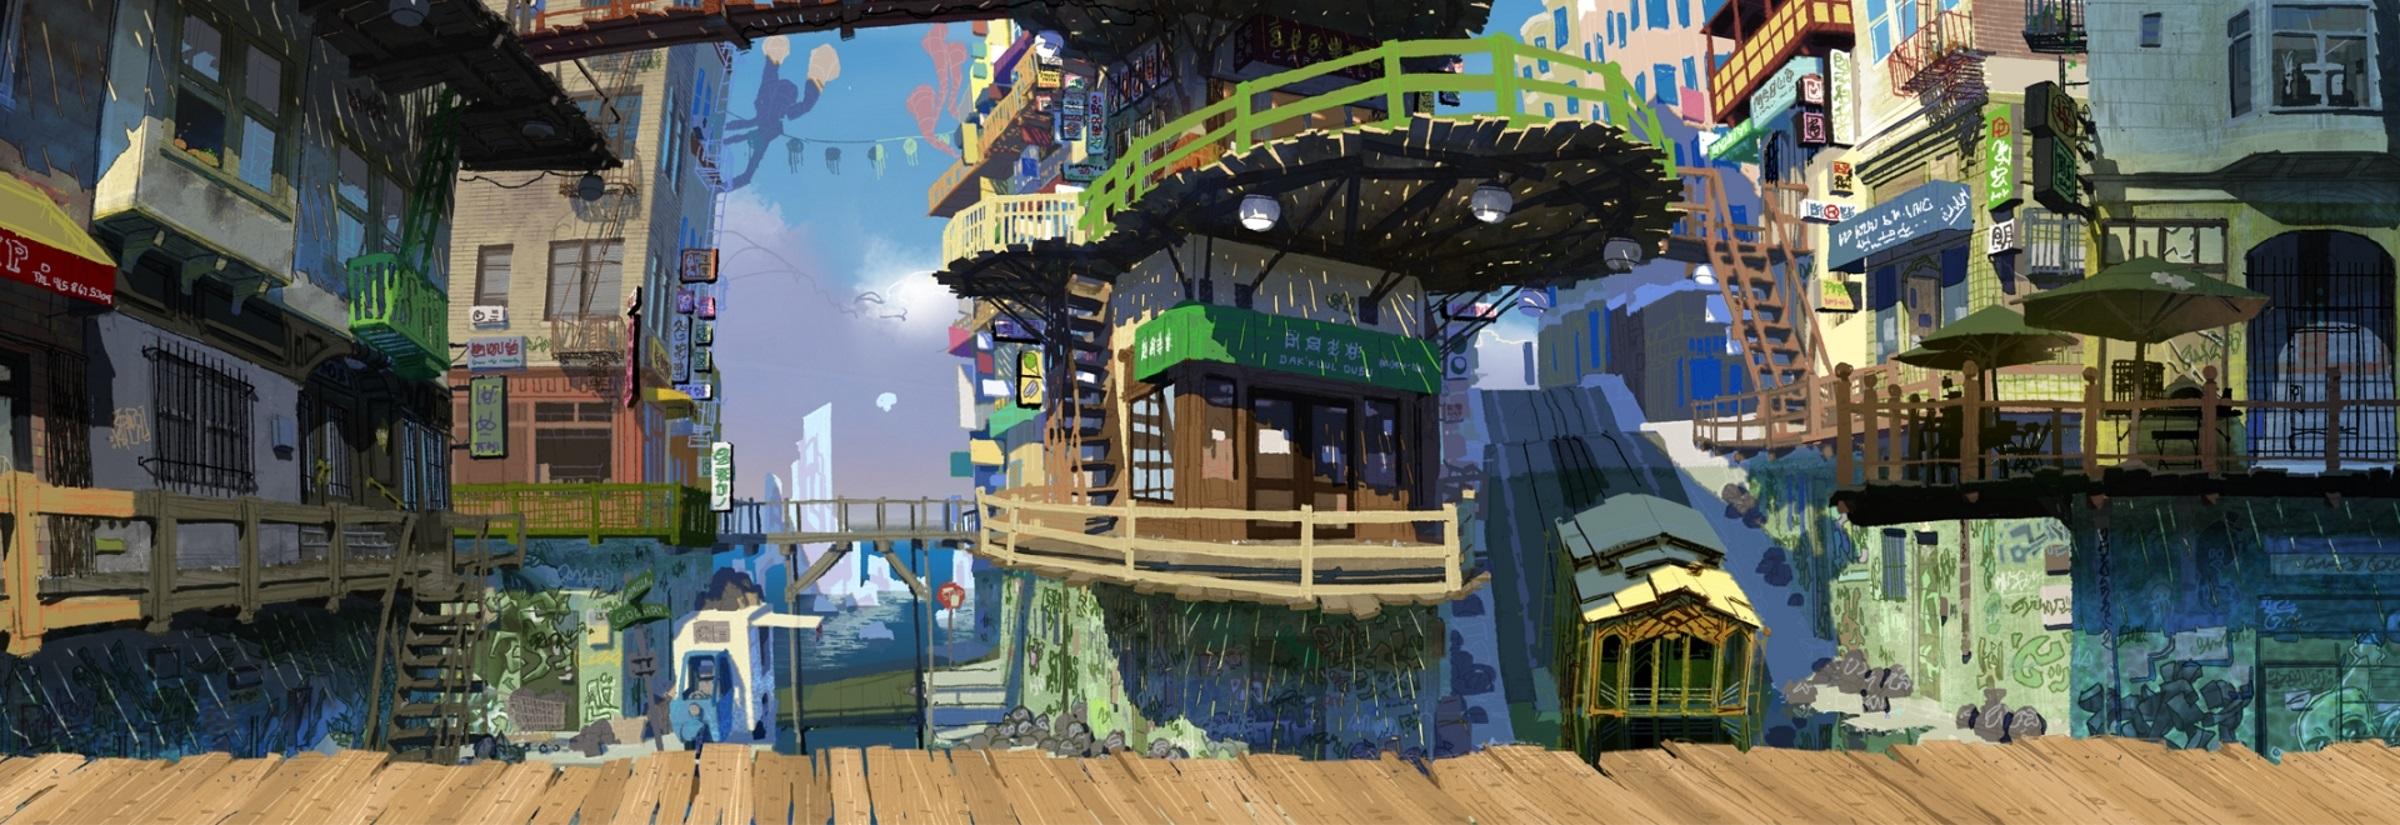 XL Background - Street 01.jpg